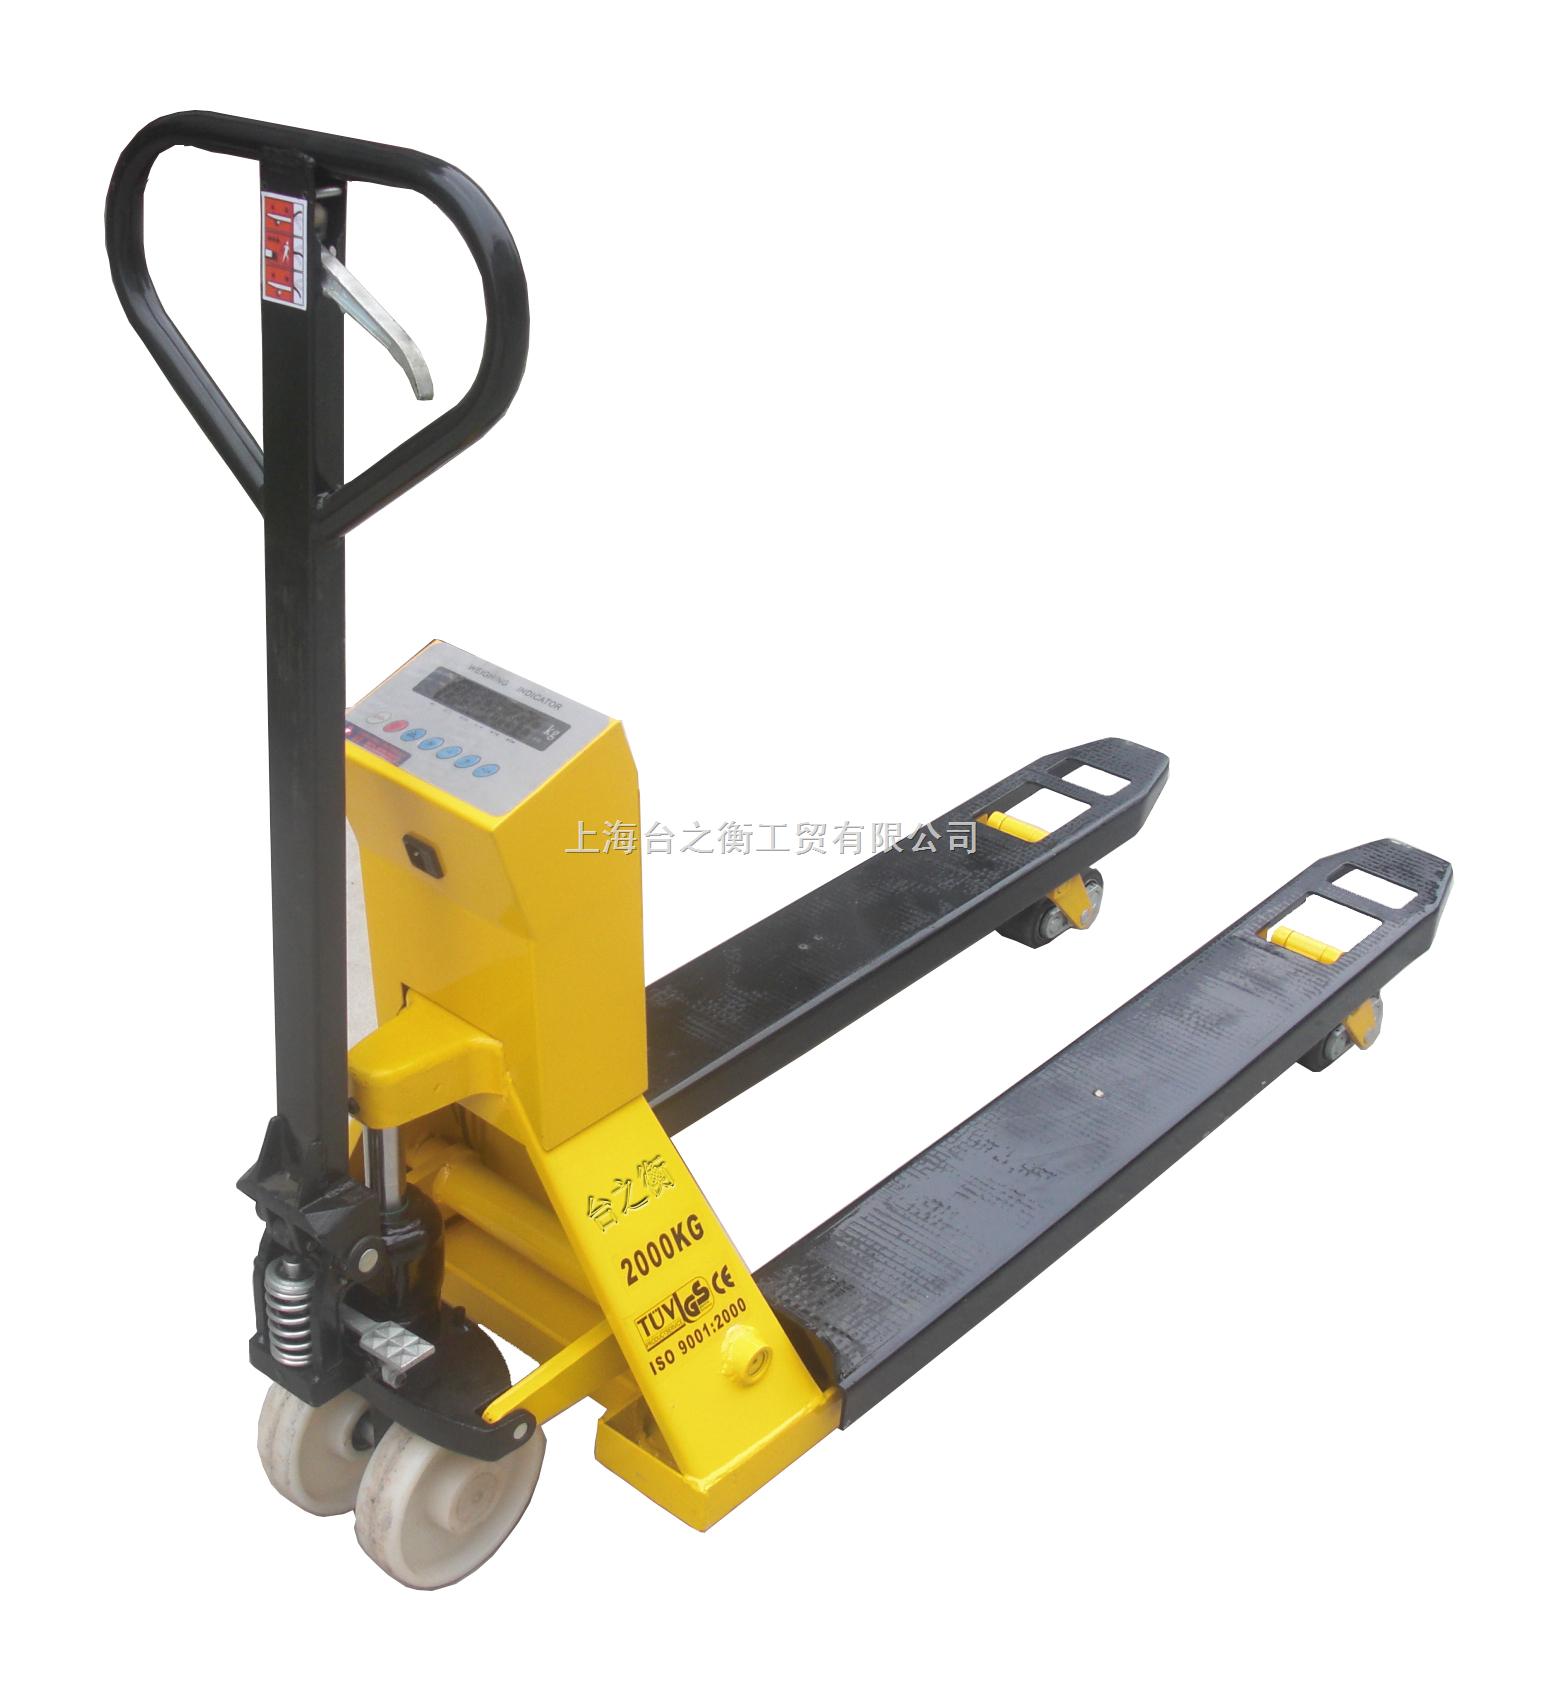 黑龙江叉车秤价格,1吨叉车秤, 1吨叉车秤,属于地上衡称重的一种